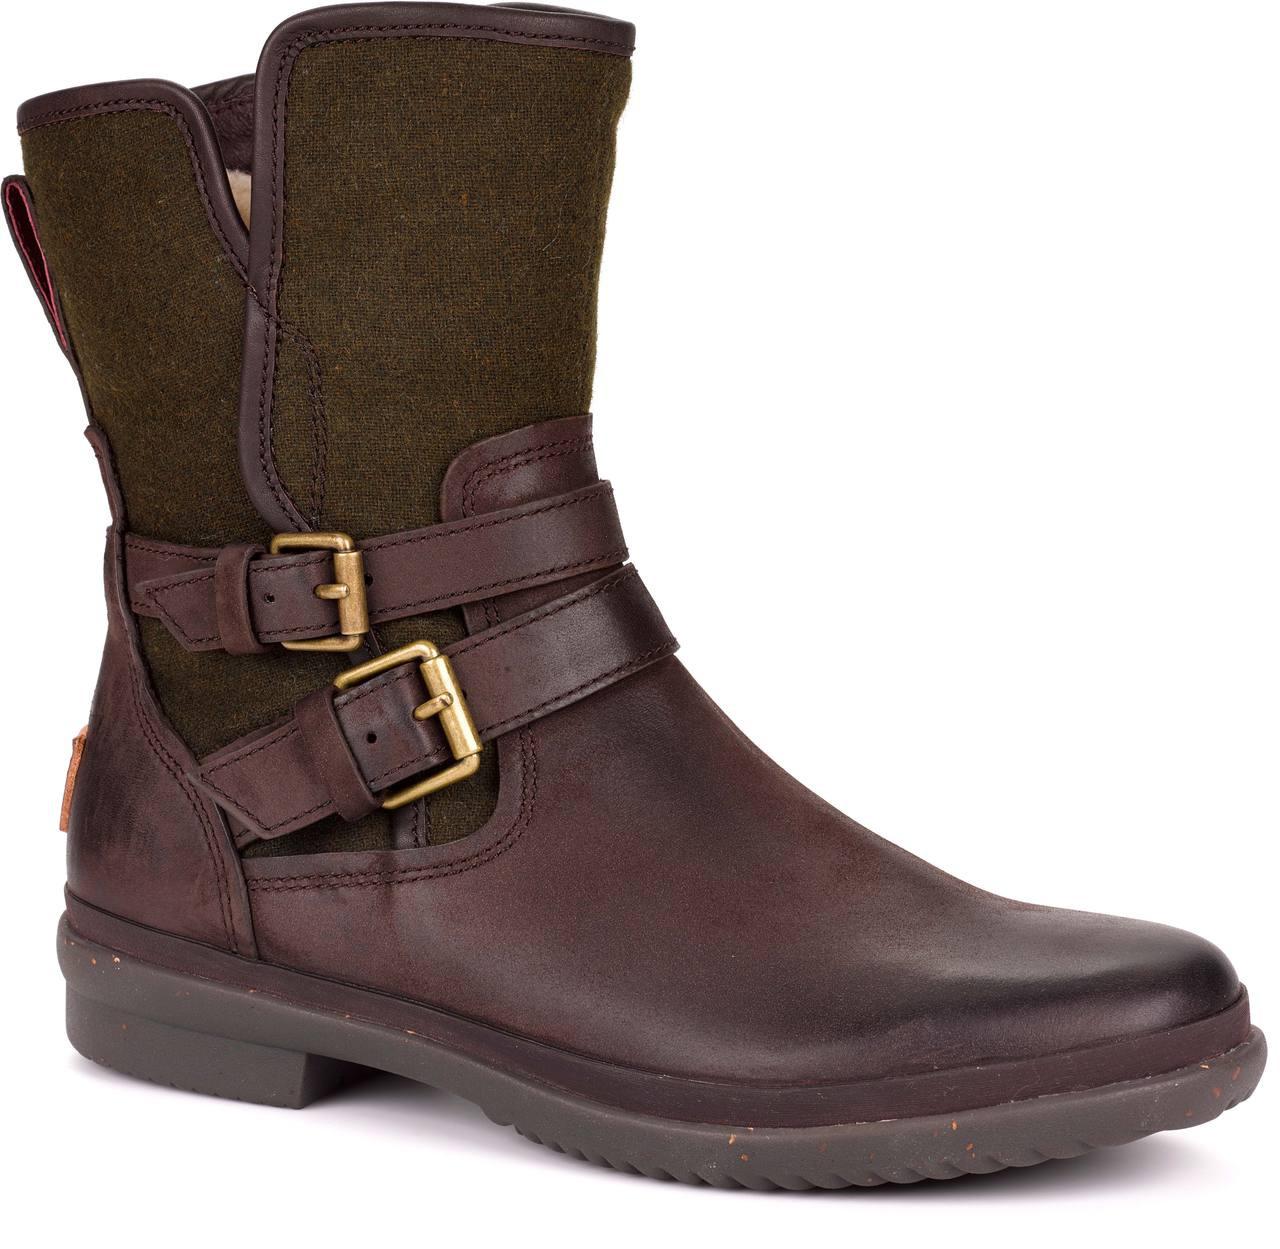 Stout Leather/Textile